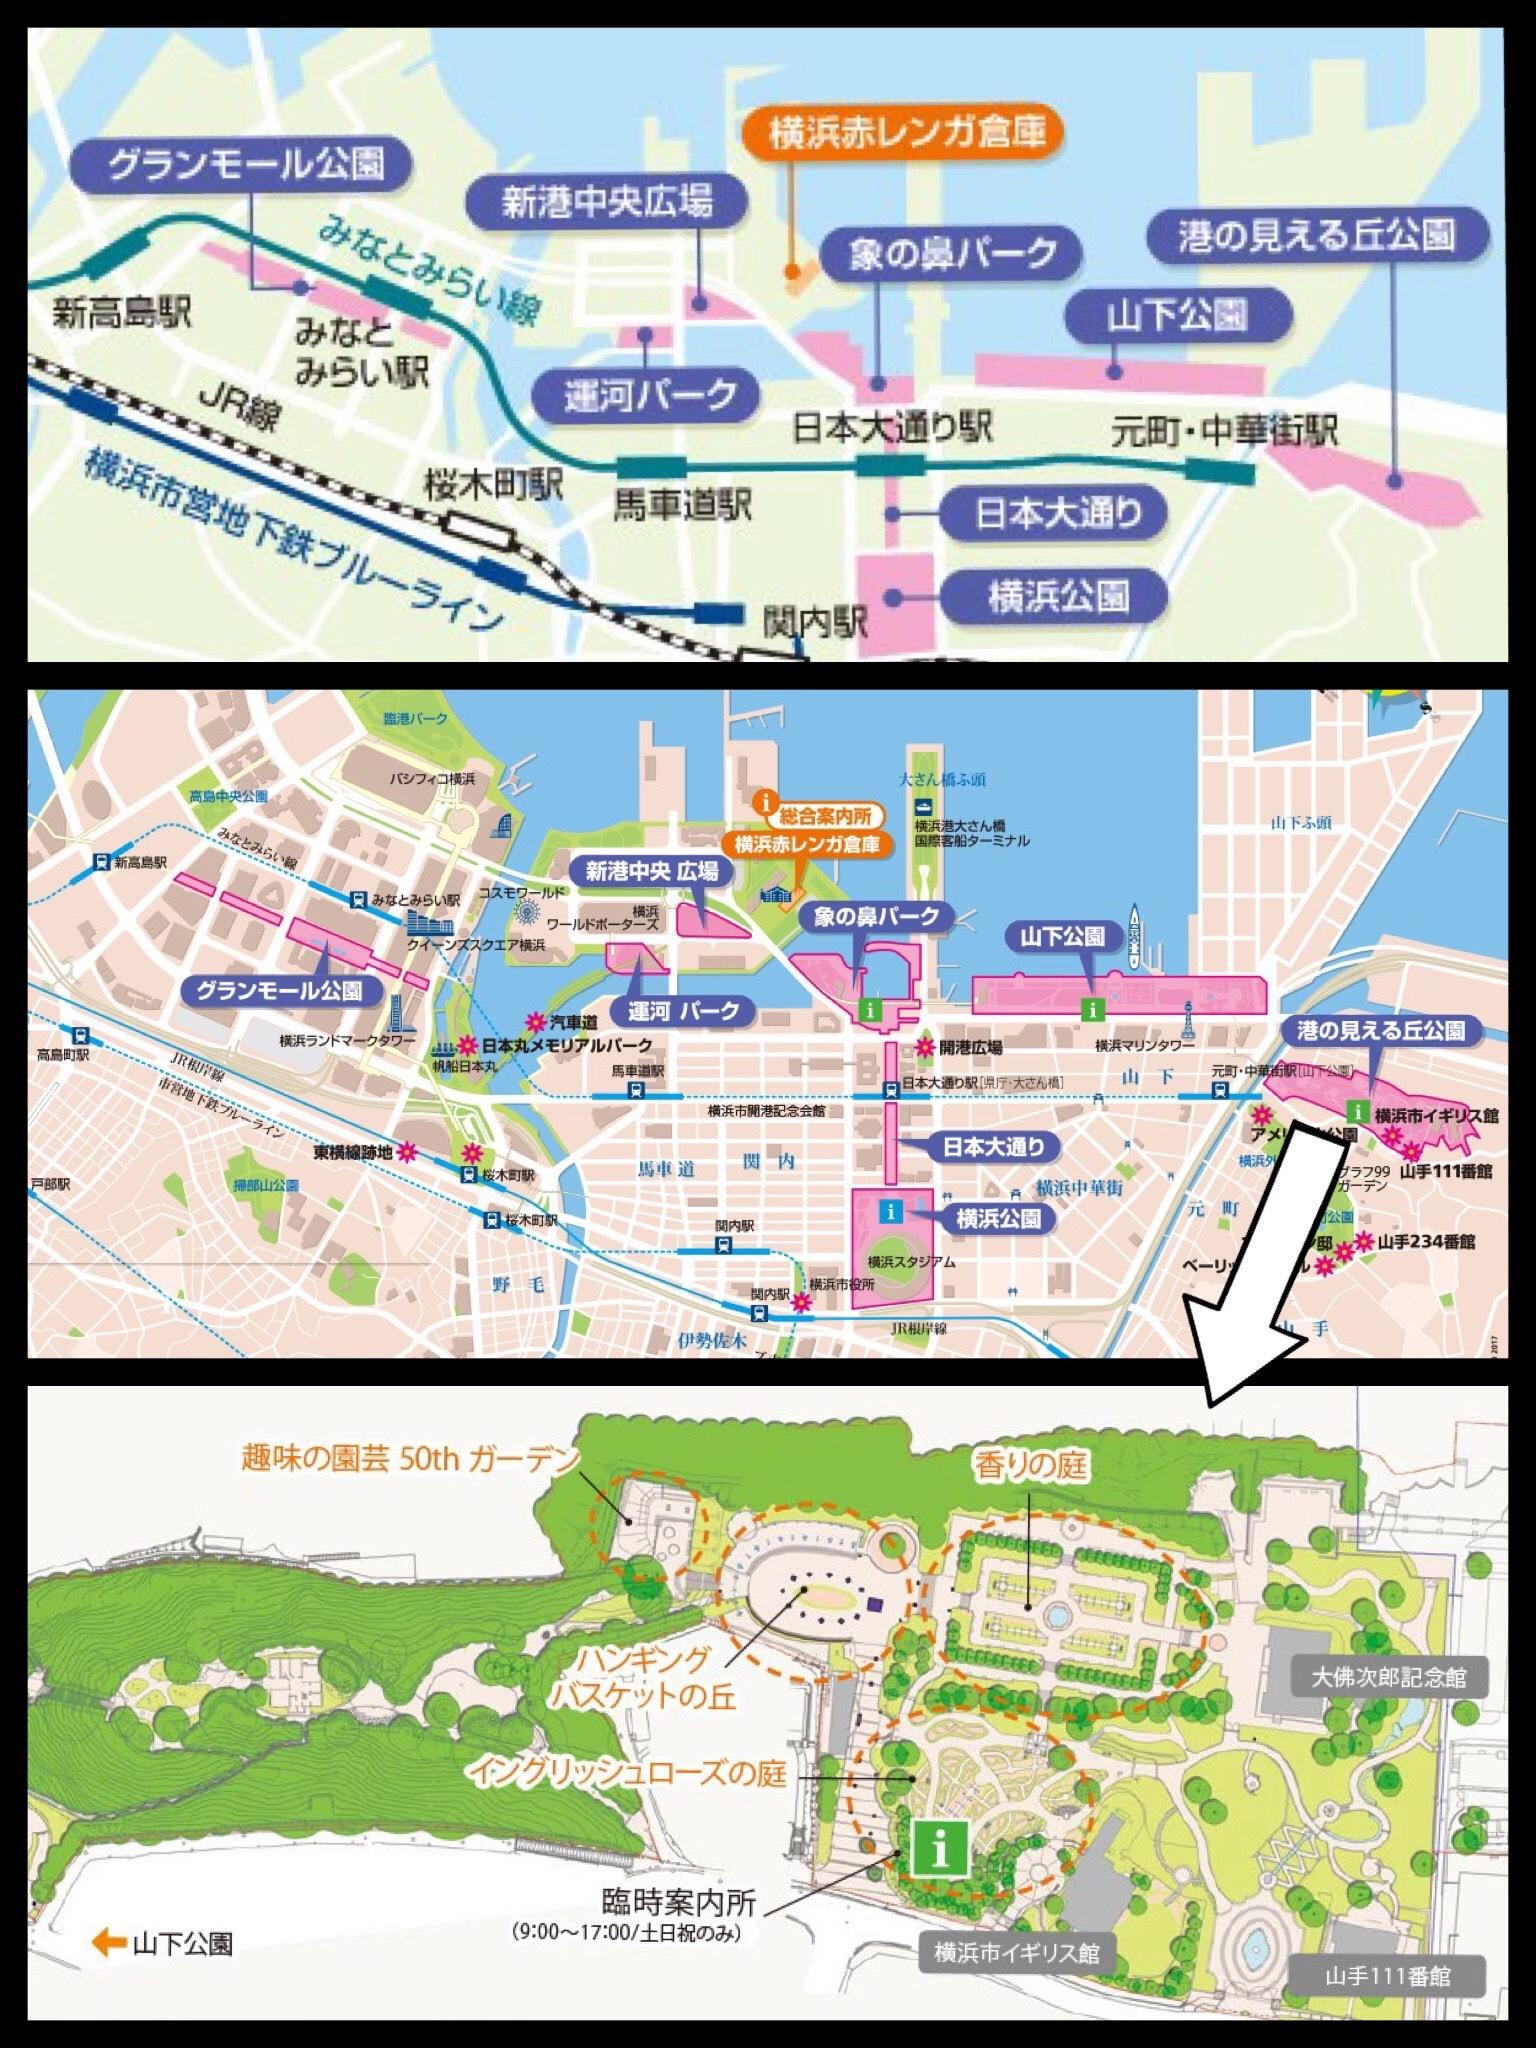 ガーデンネックレス 横浜2017 港の見える丘公園